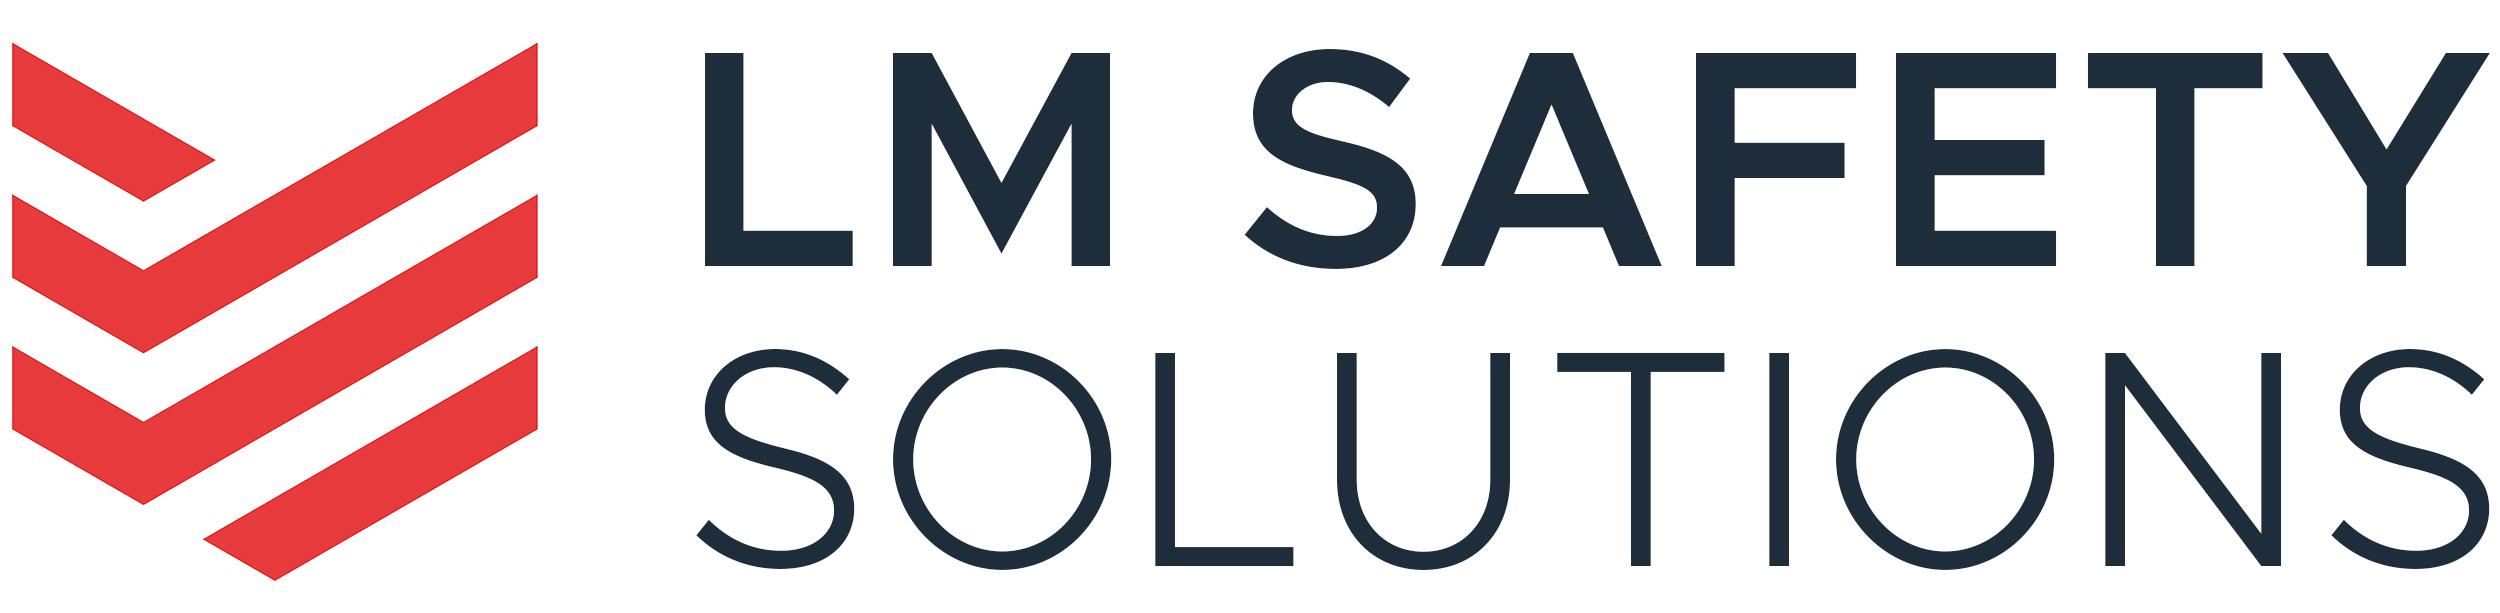 lmss-logo